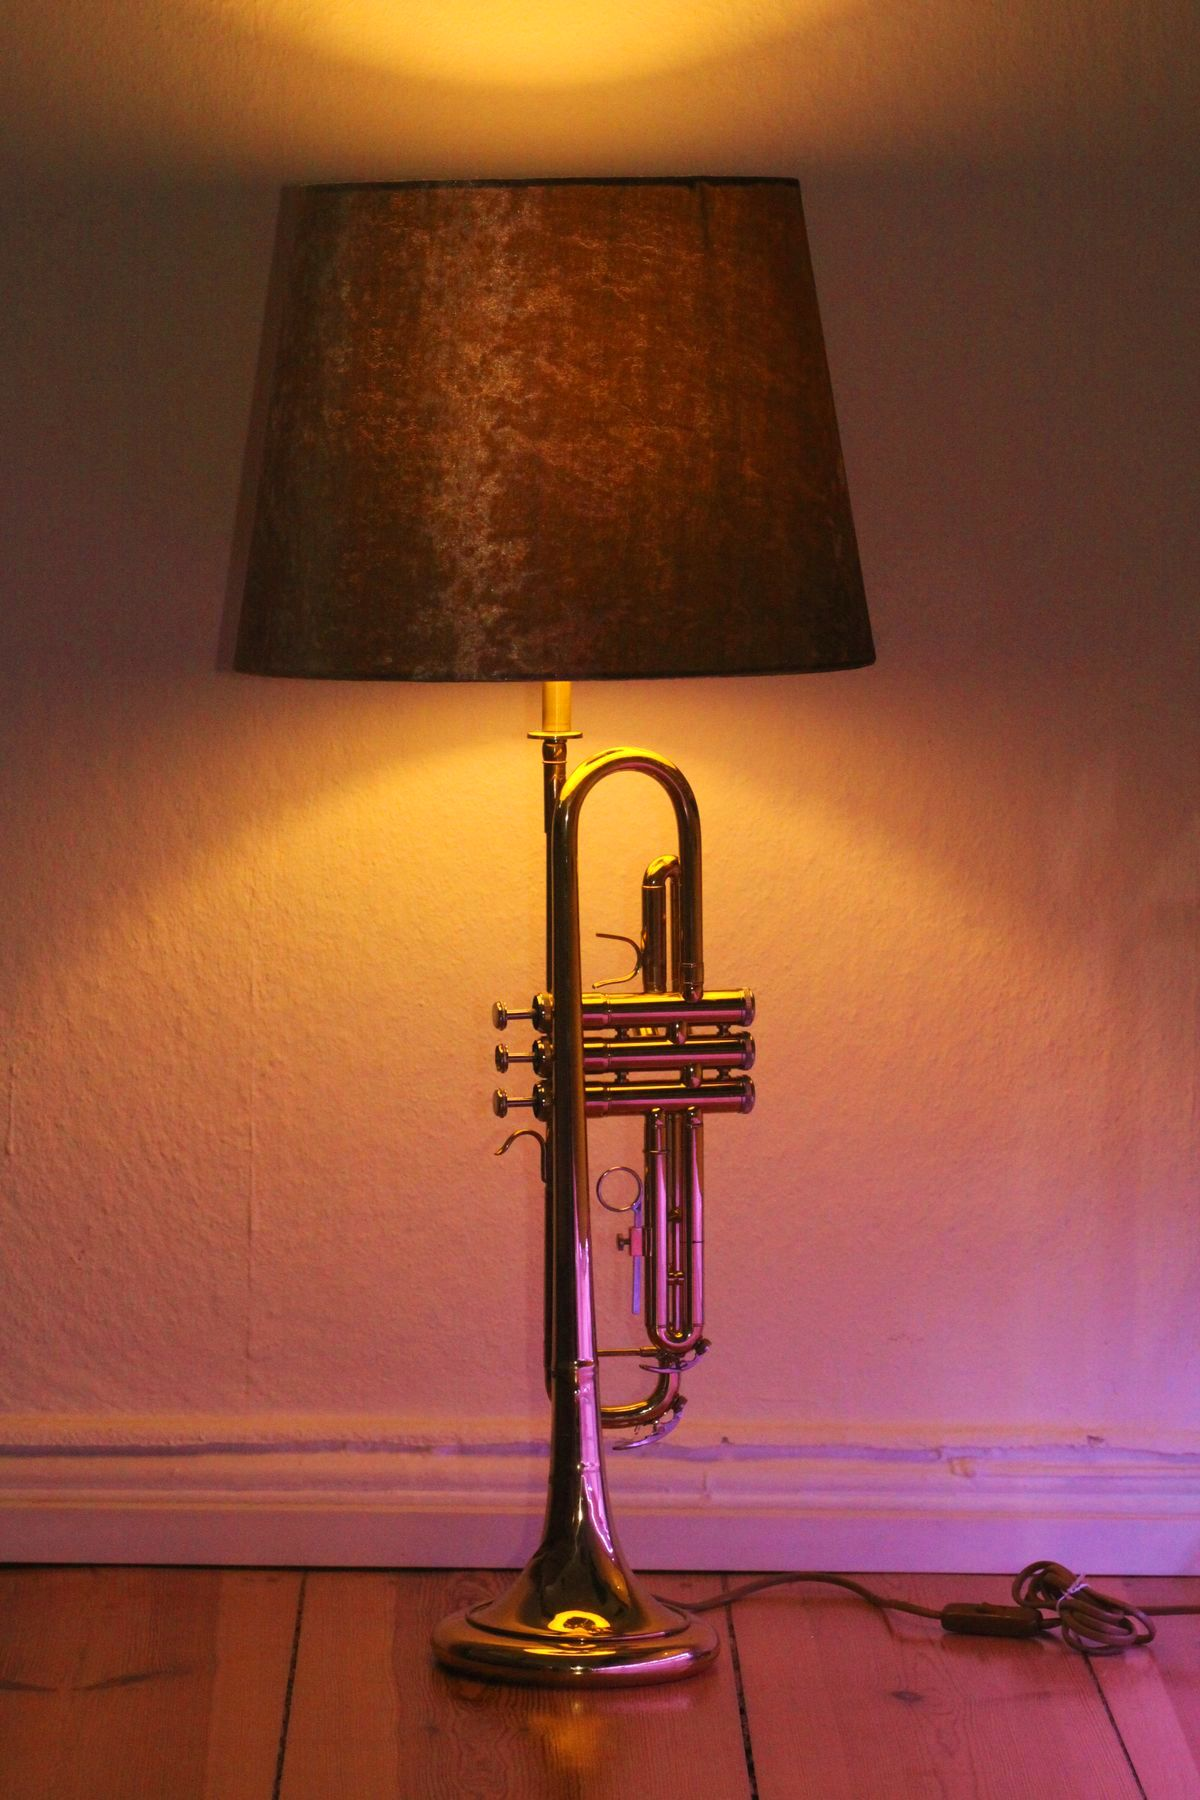 Trompetenlampe Stehlampe Gold Vintage Einzelstück Handarbeit Eingeschaltet